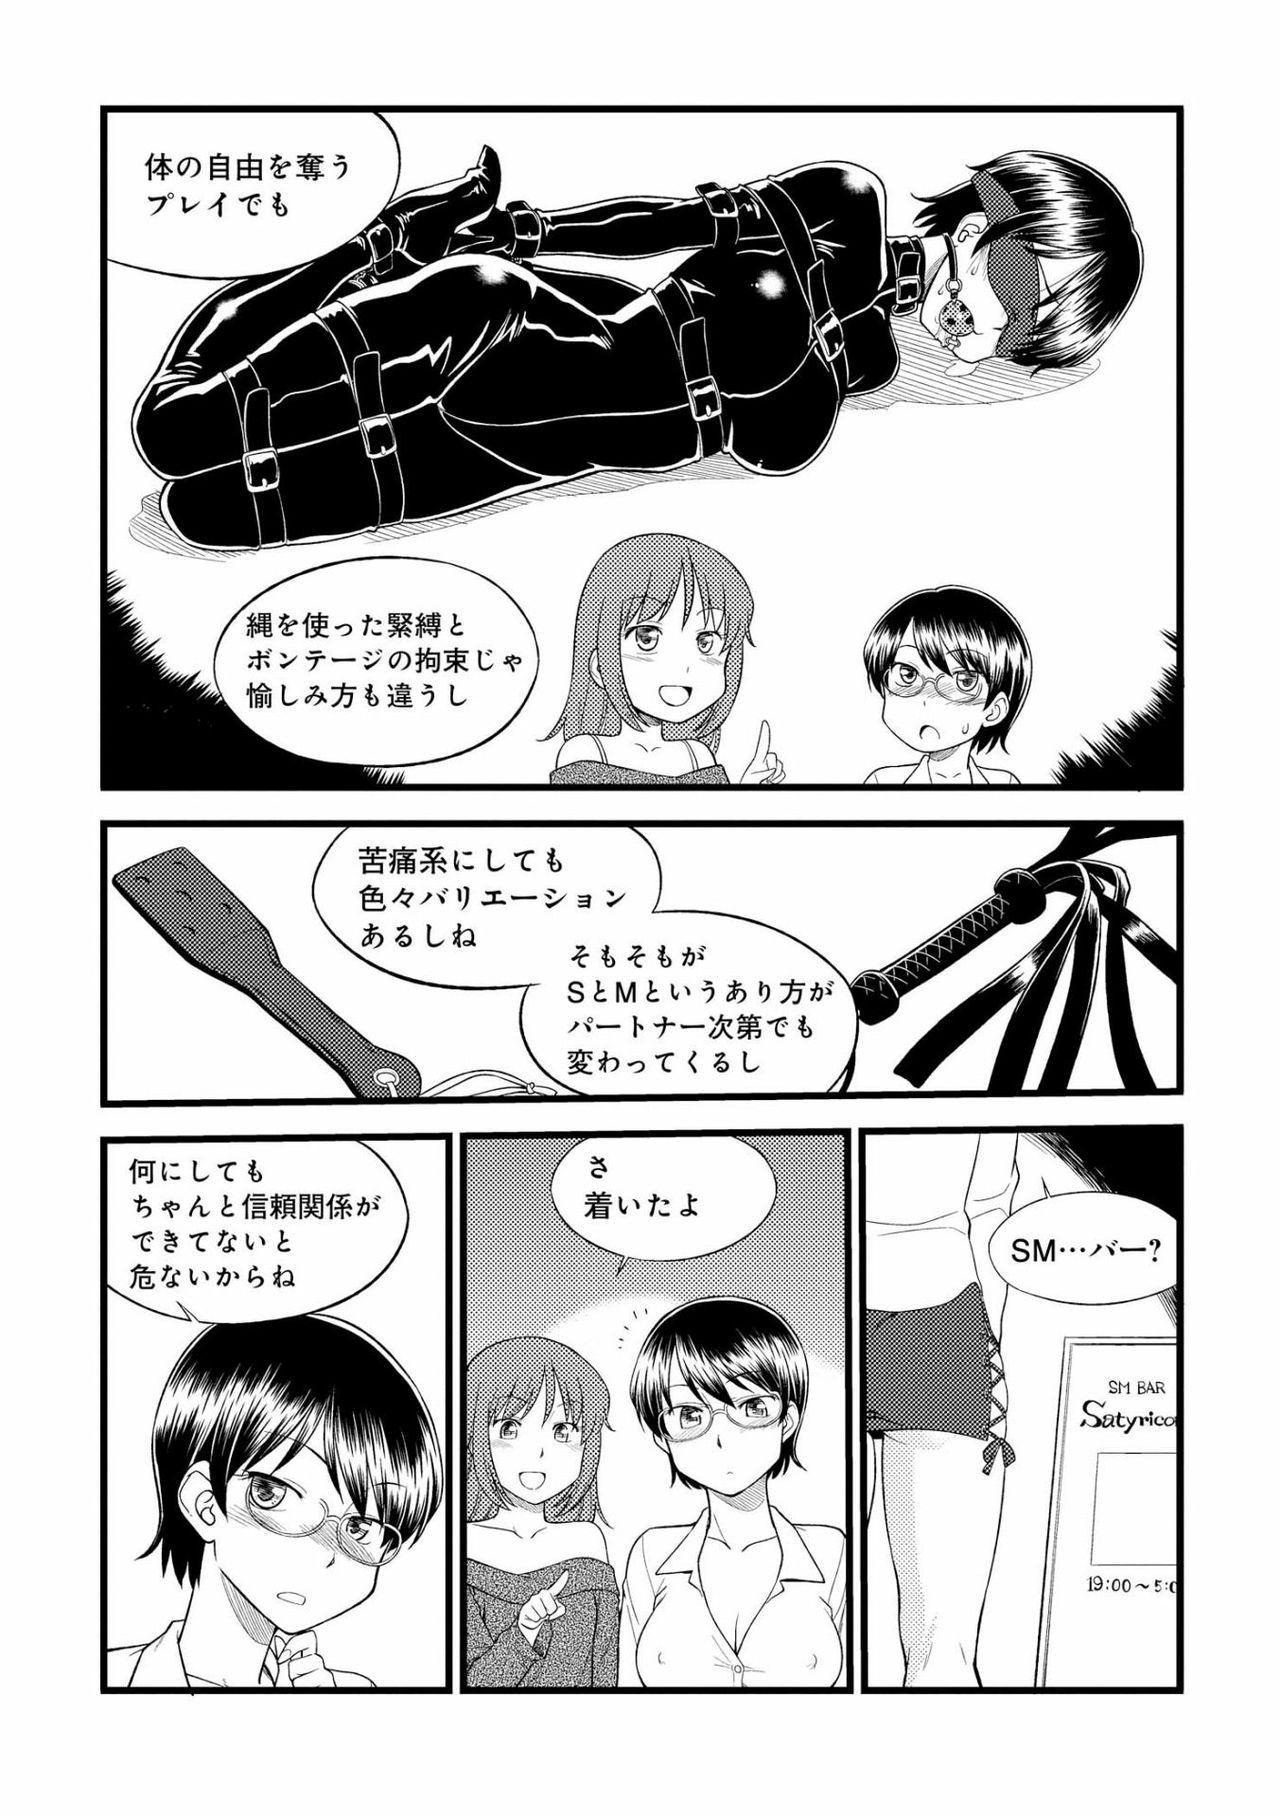 [Mitsuba] Karada mo Kokoro mo Boku no Mono ~Hajimete no SM Guide~ 2 [Digital] 63